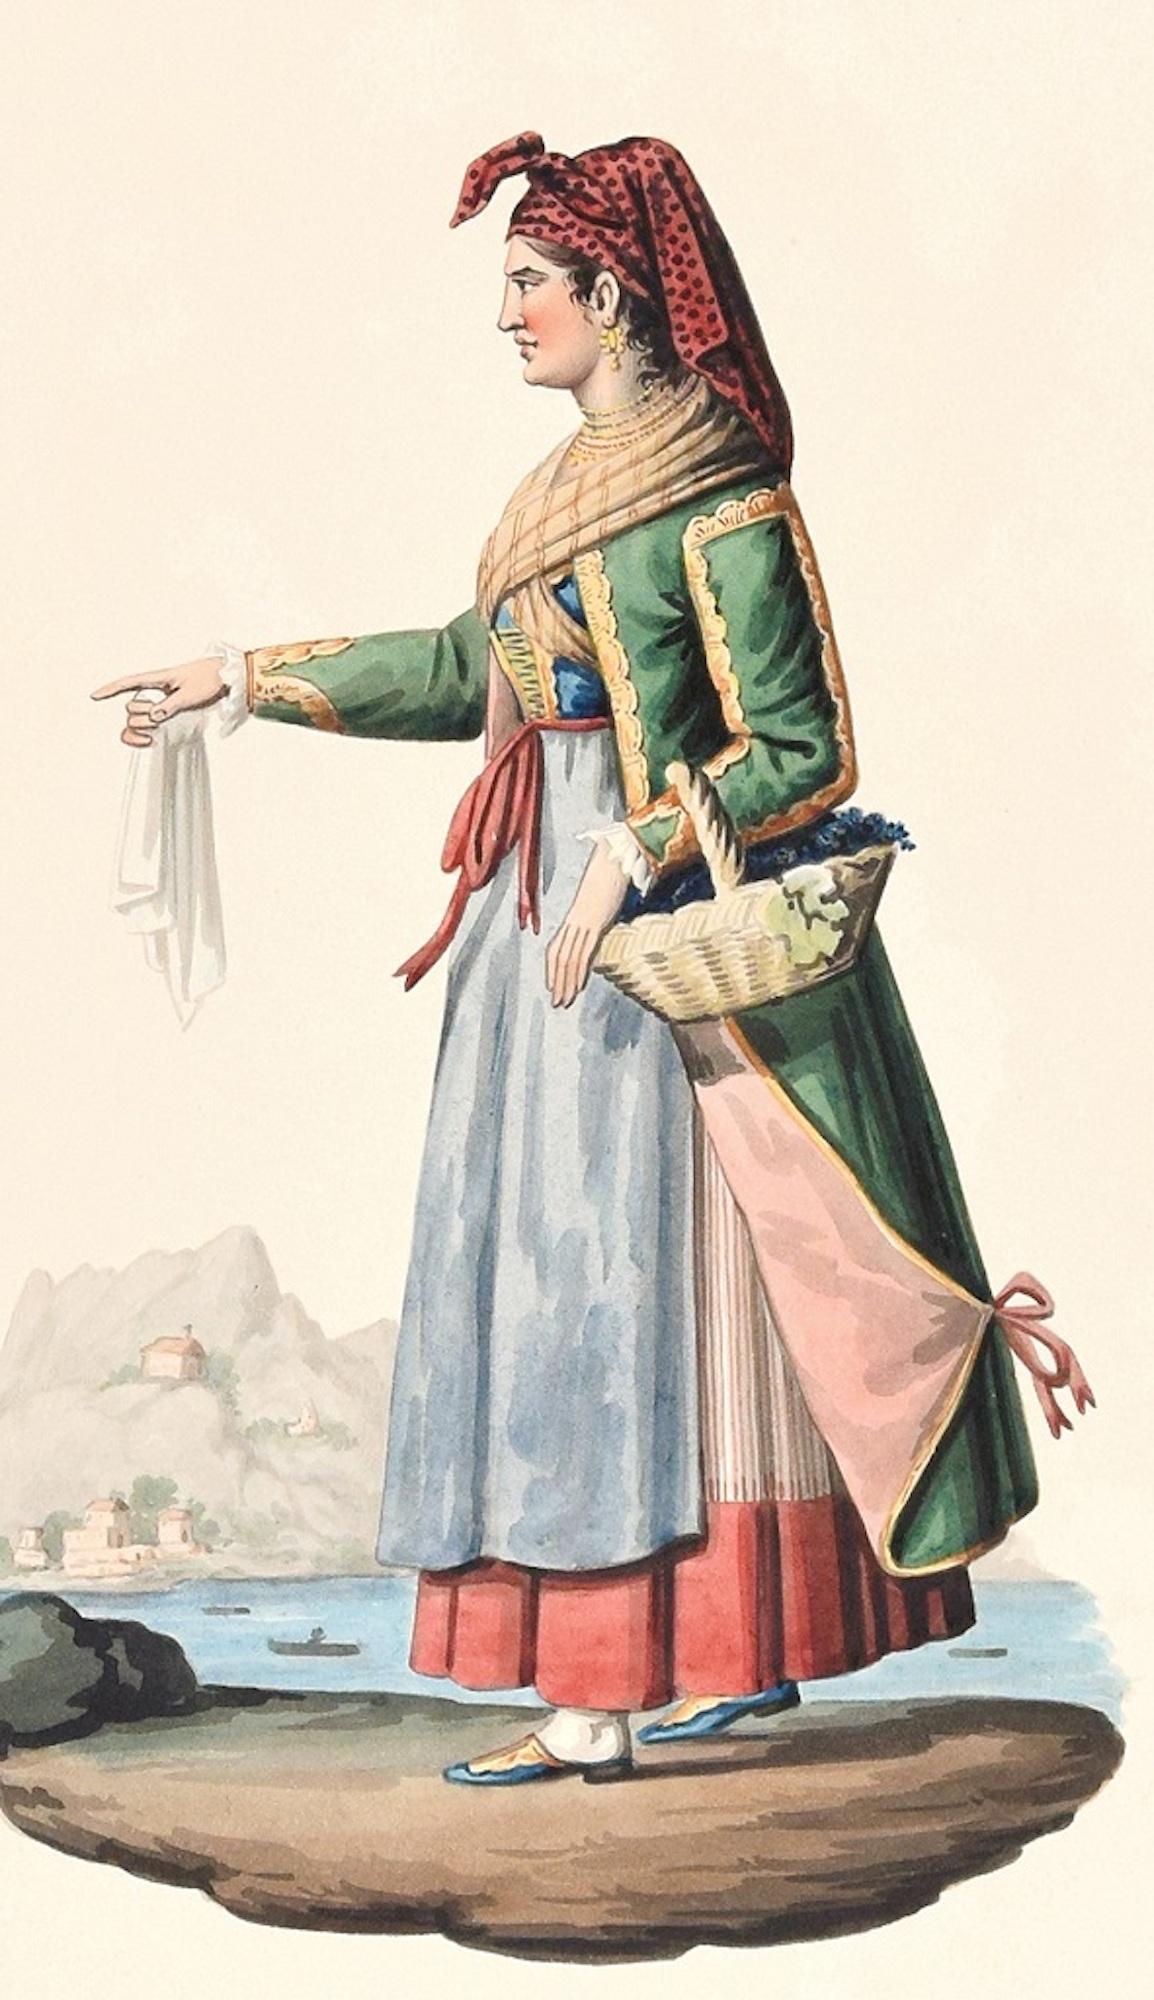 Procida  - Original Ink Watercolor by M. De Vito - Early 1800